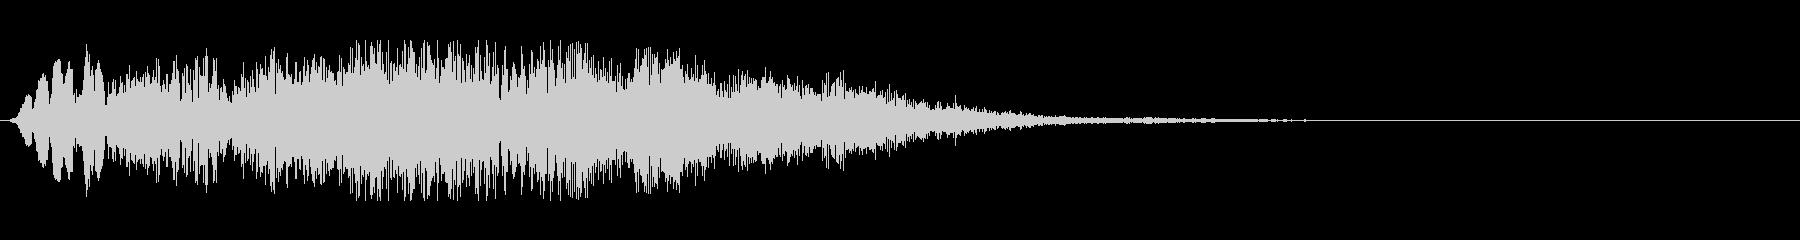 ホワーン(場面転換などの効果音)の未再生の波形